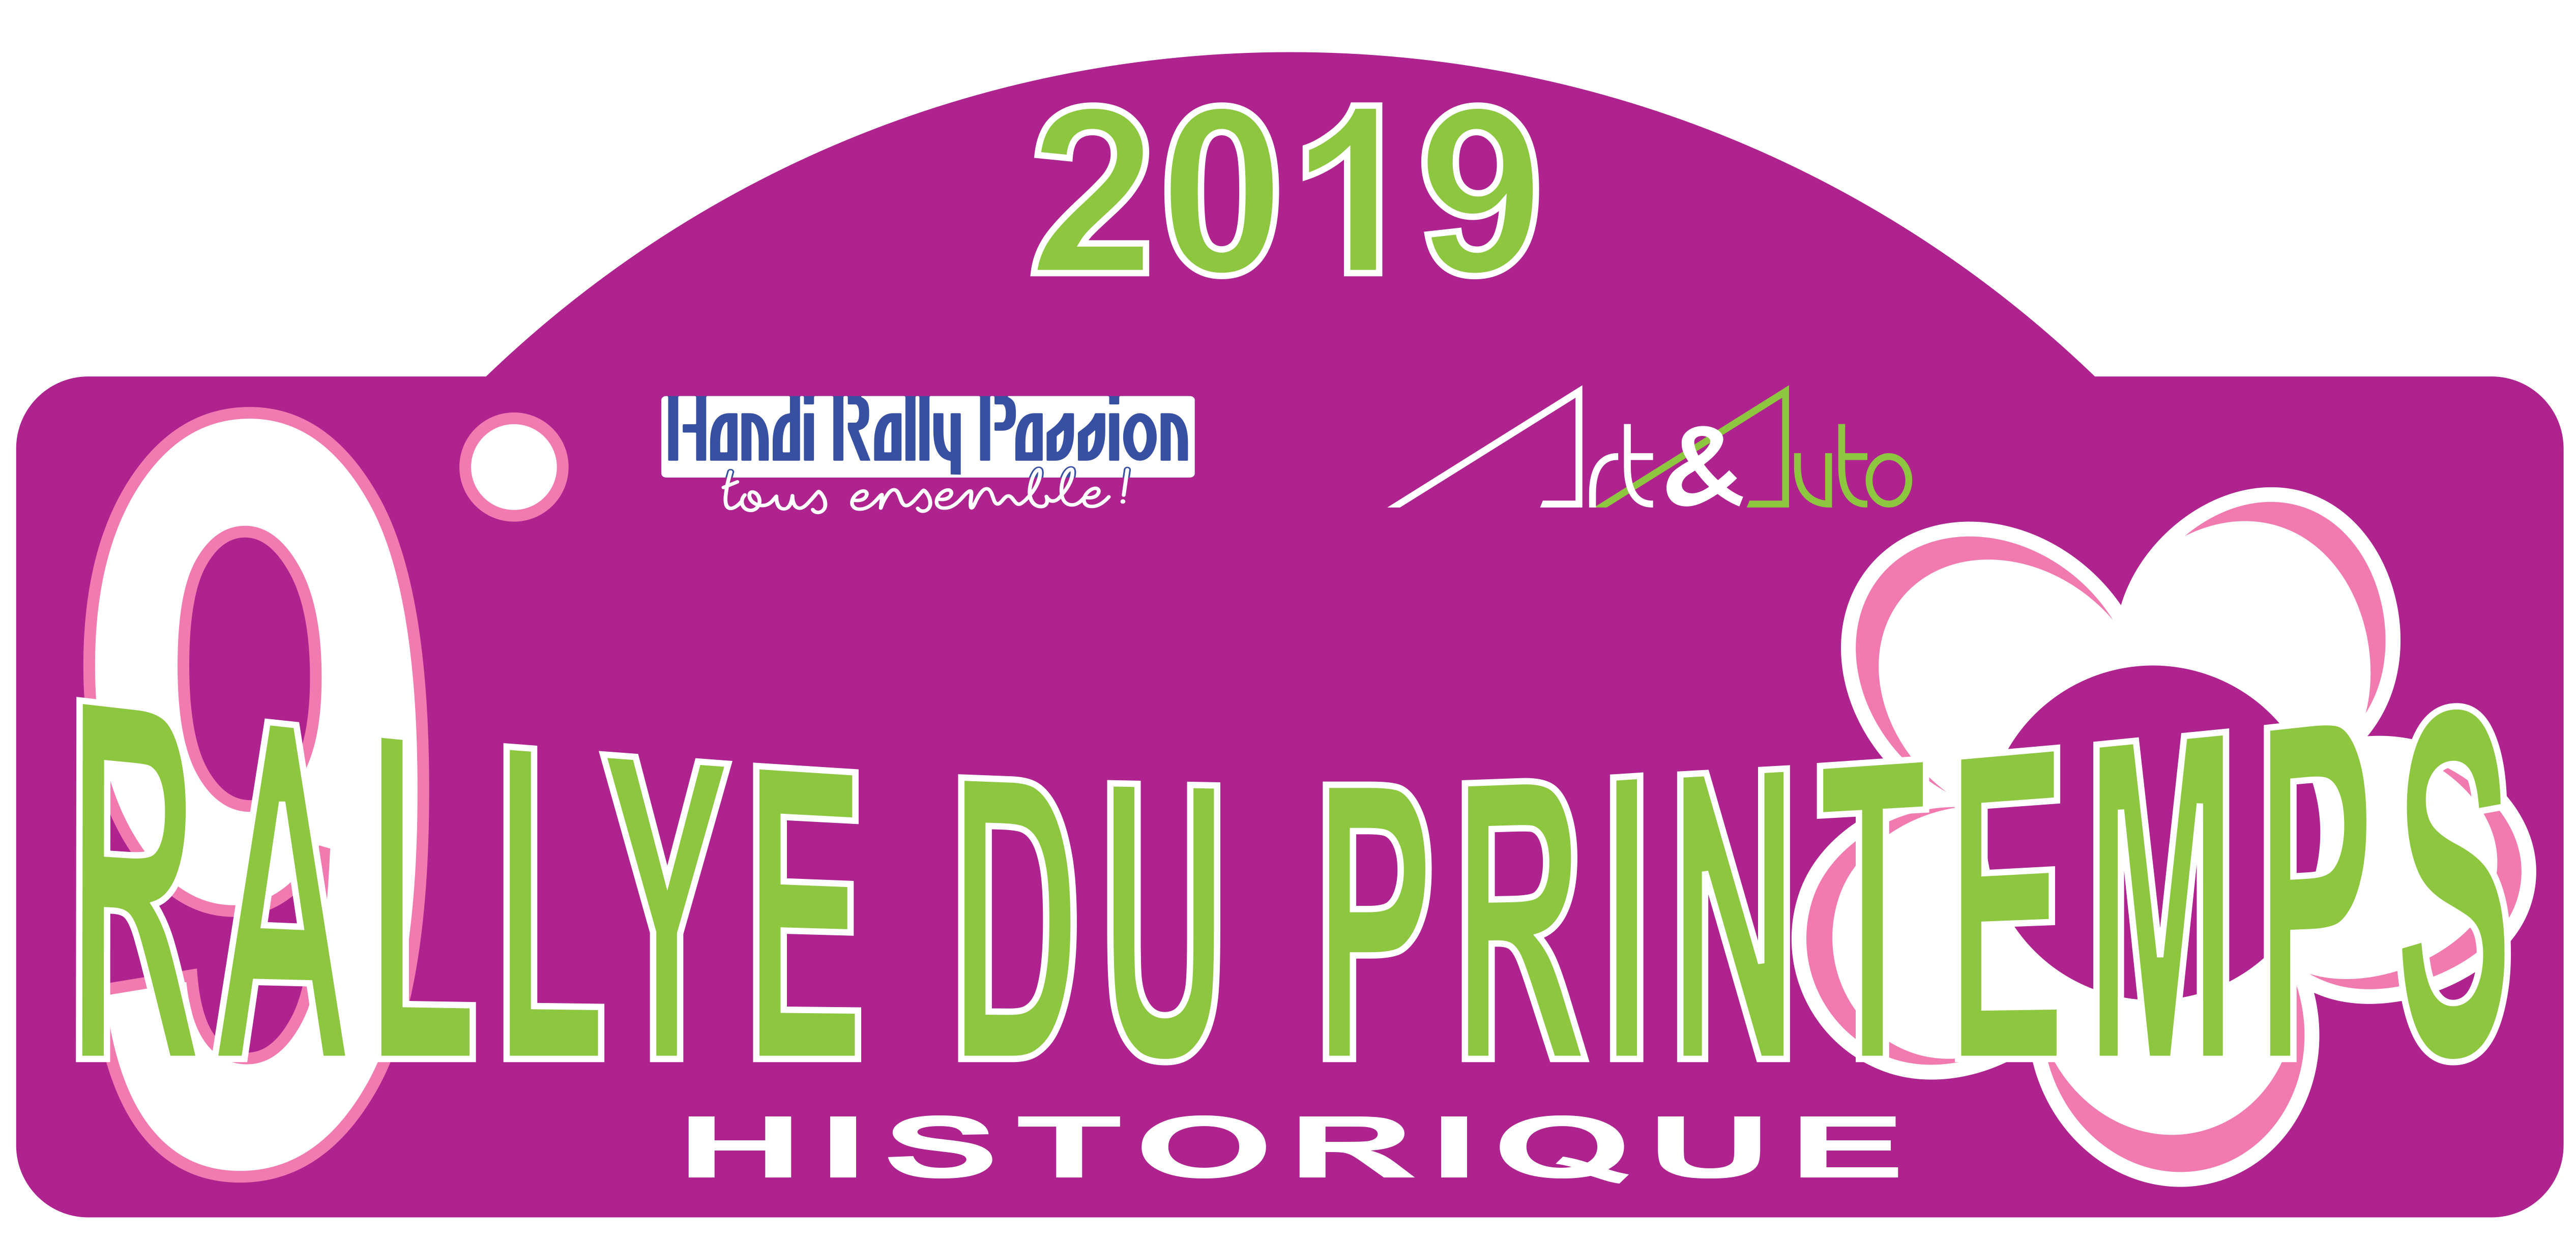 Rallye du printemps_23 mars 2019